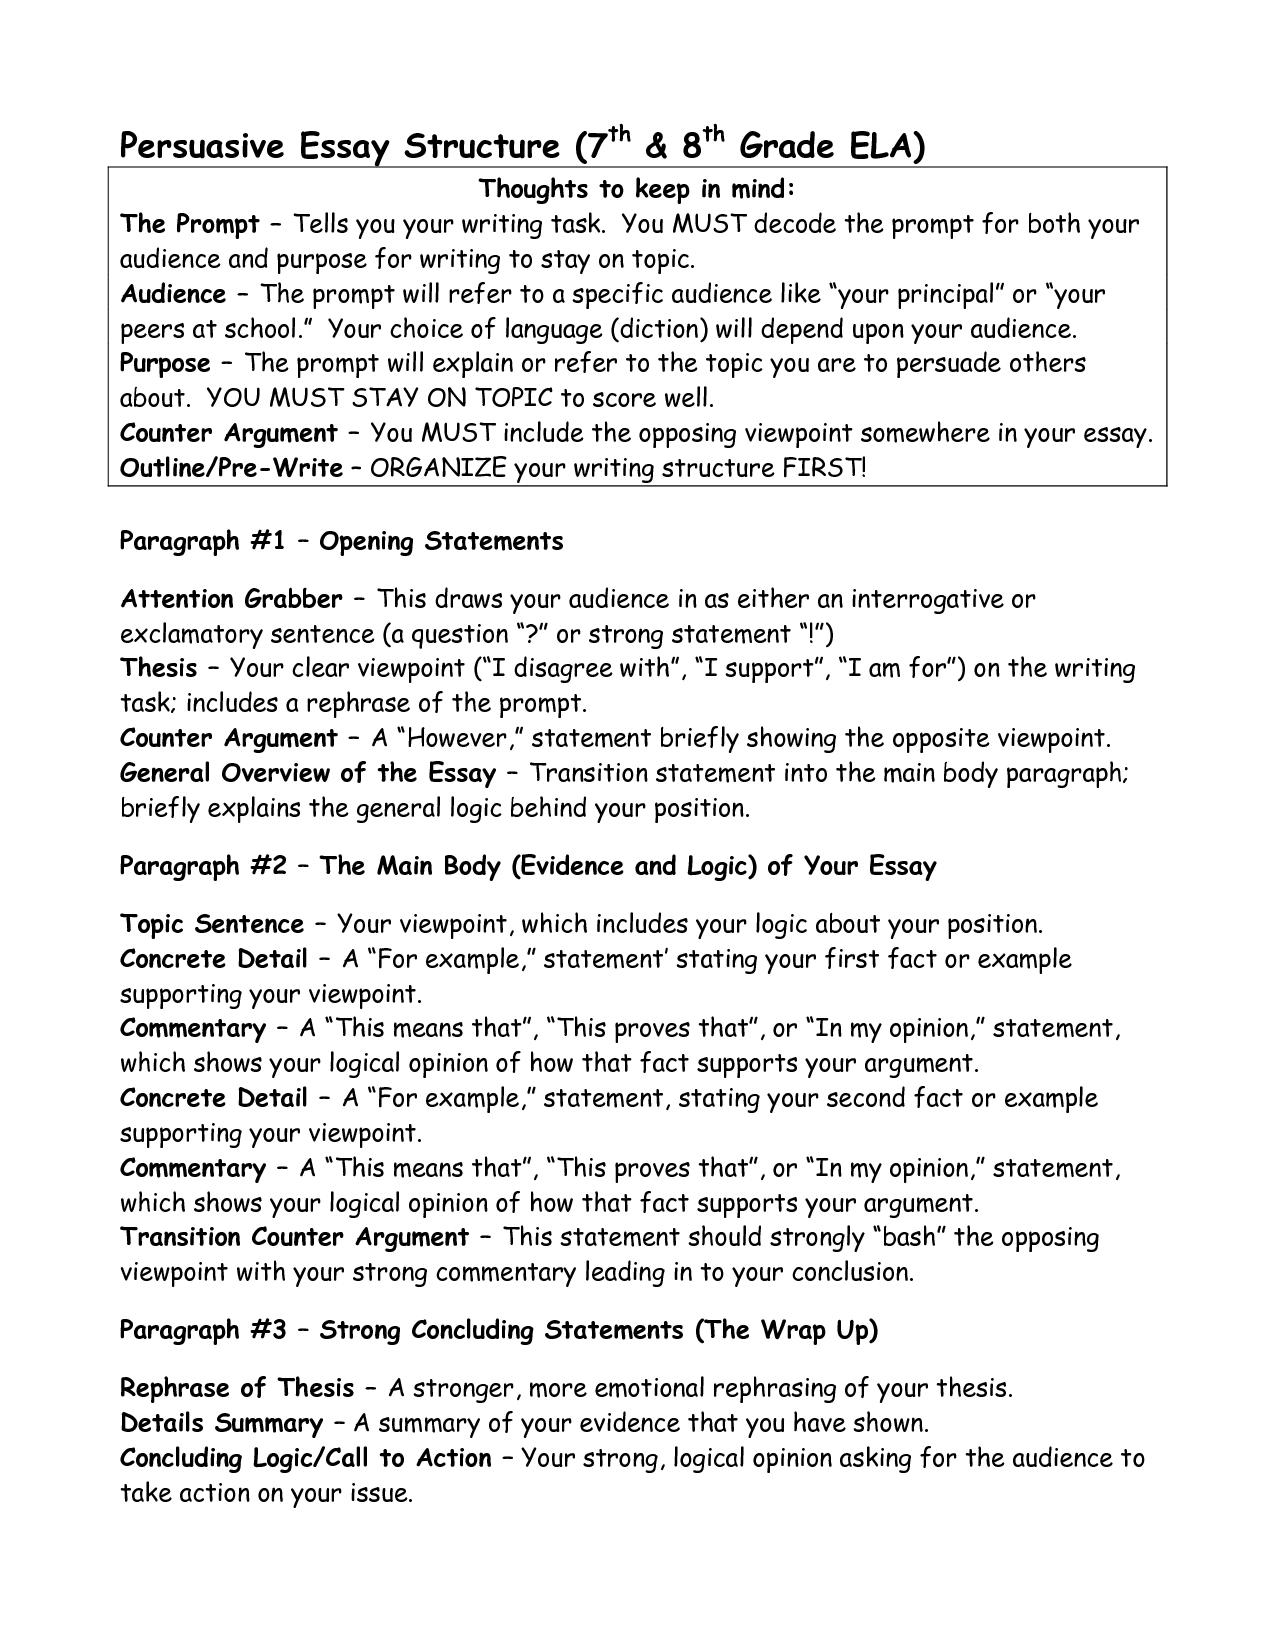 004 6th Grade Argumentative Essays 232762s Shocking Essay Examples Persuasive Full